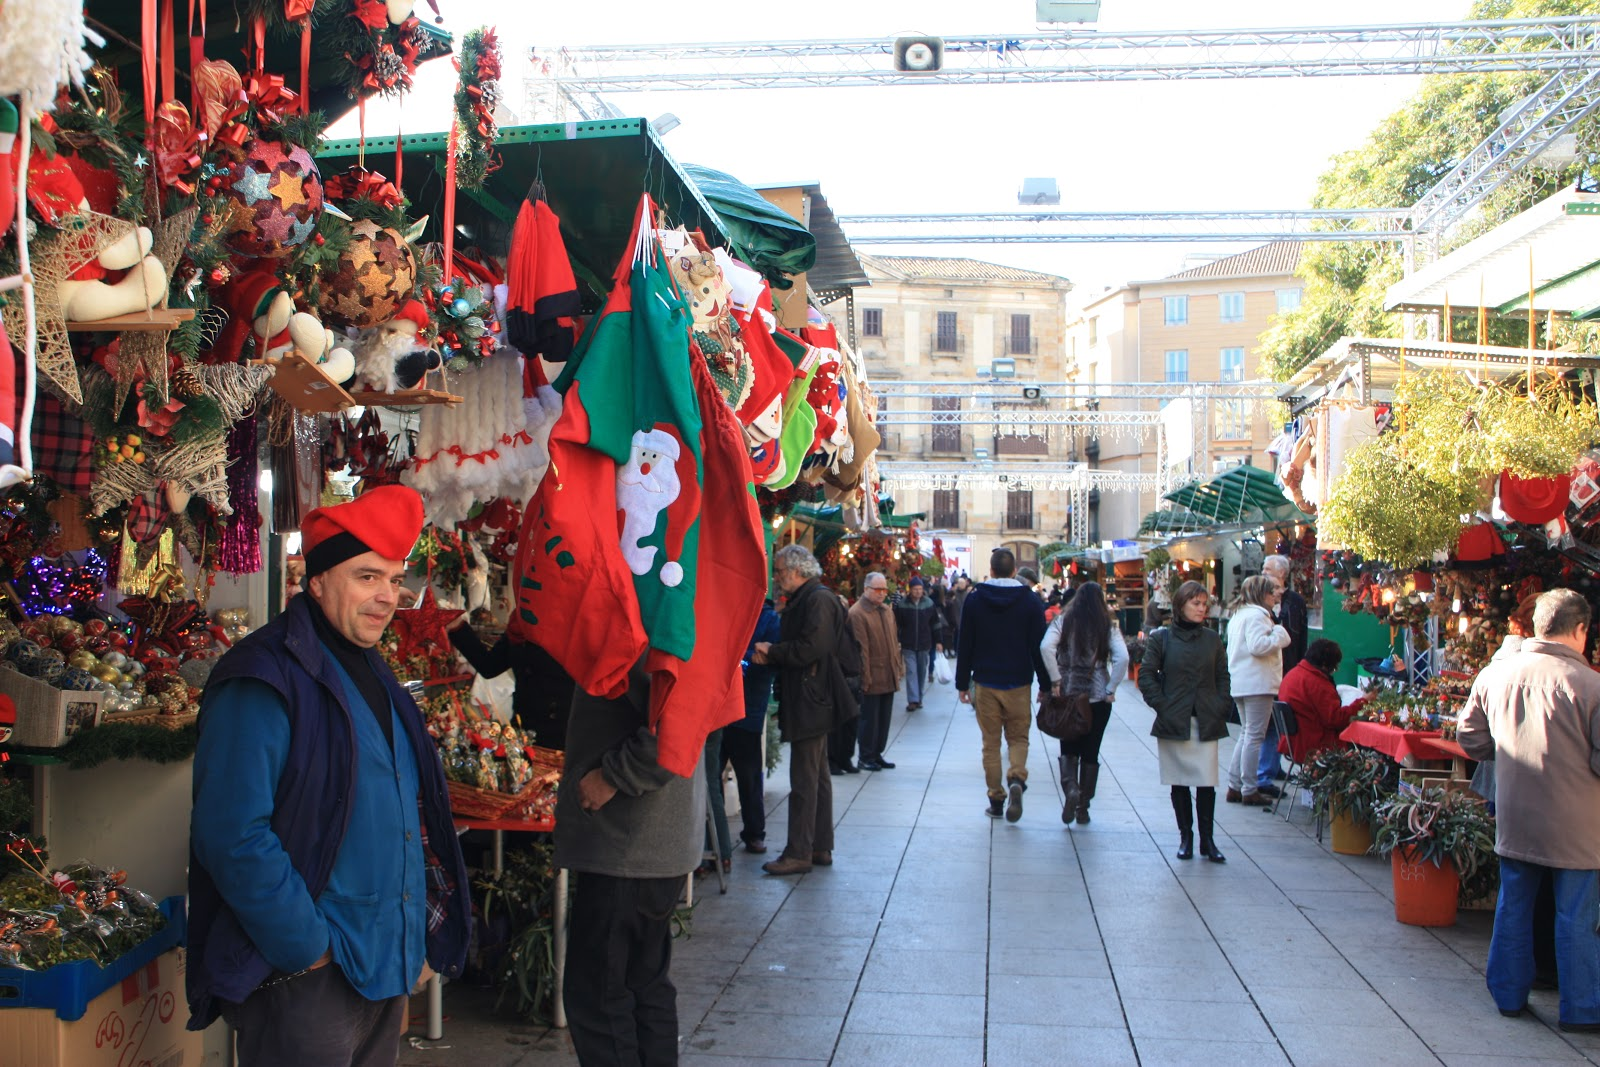 Fira de Santa Llucia, Barcellona © escribientedetodo.blogspot.com.es